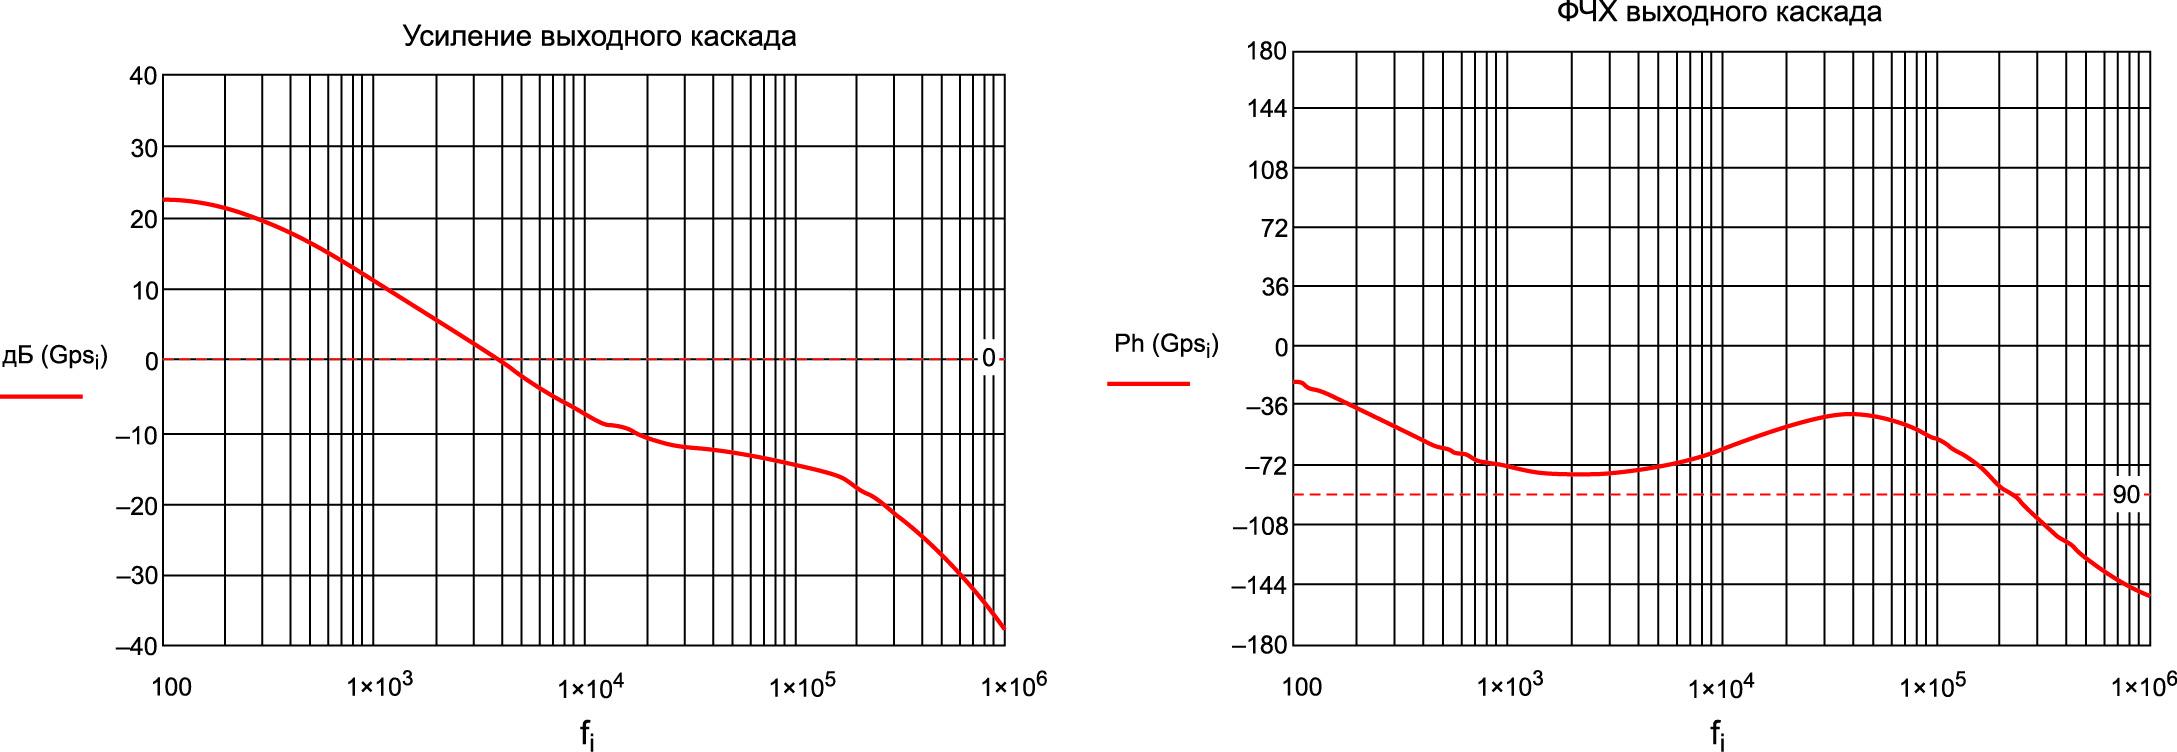 Графики усиления (АЧХ) и ФЧХ выходного каскада